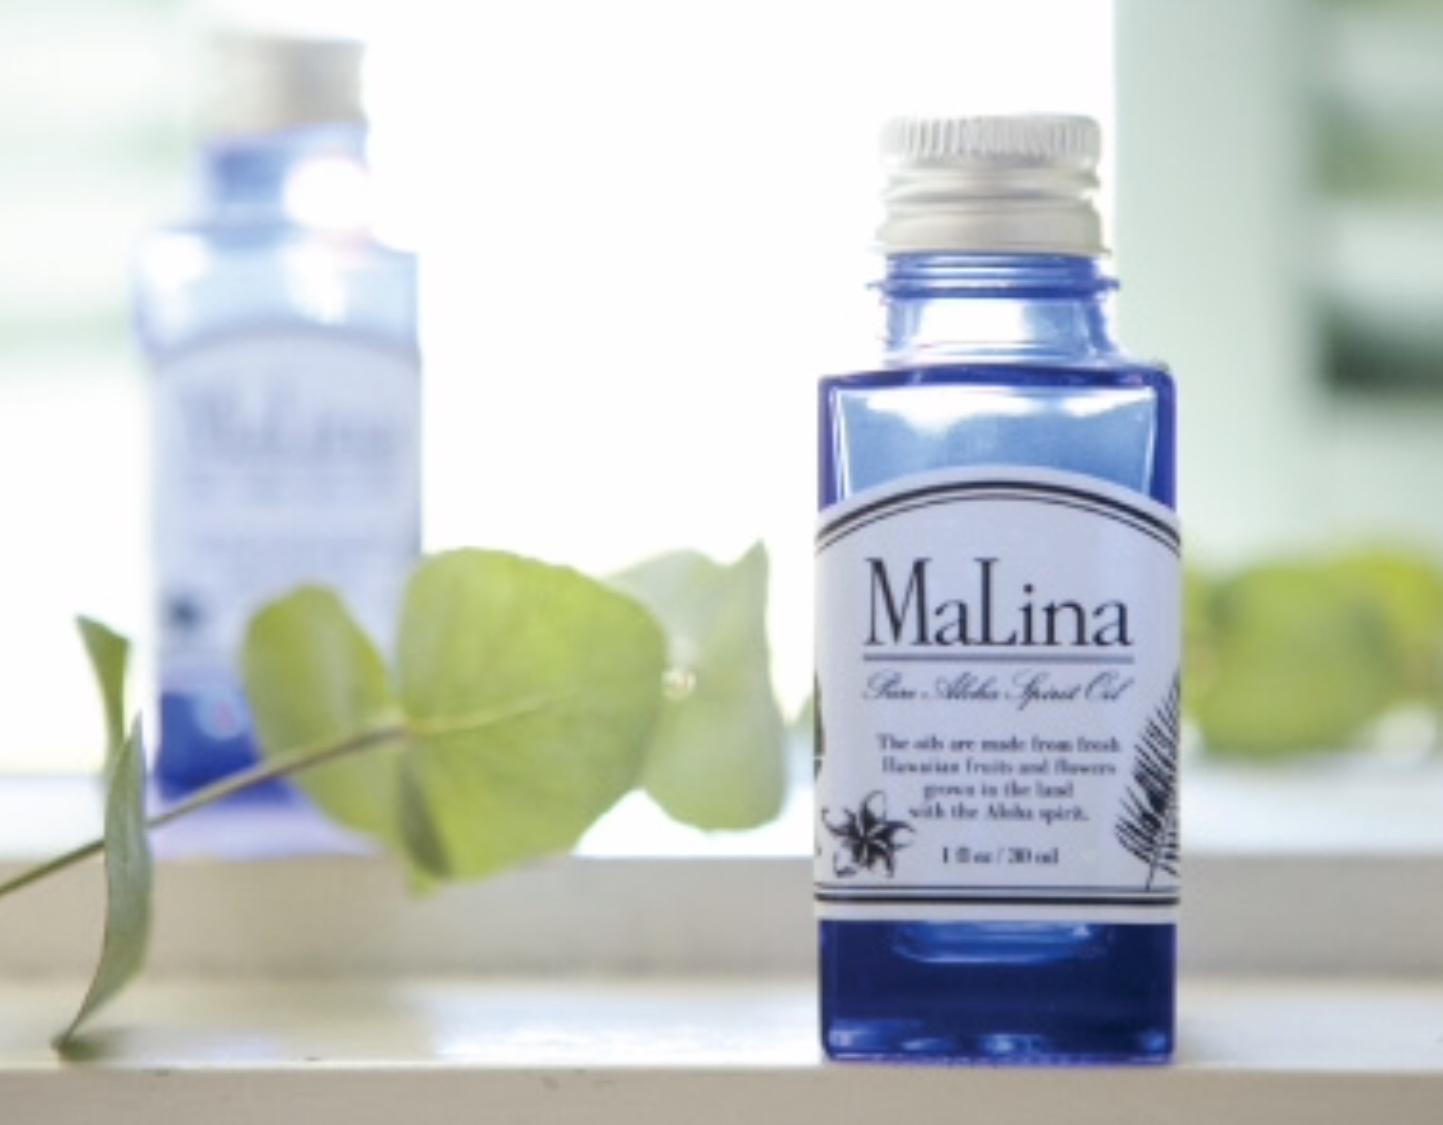 [MaLina] Aloha Spirit oil 20ml